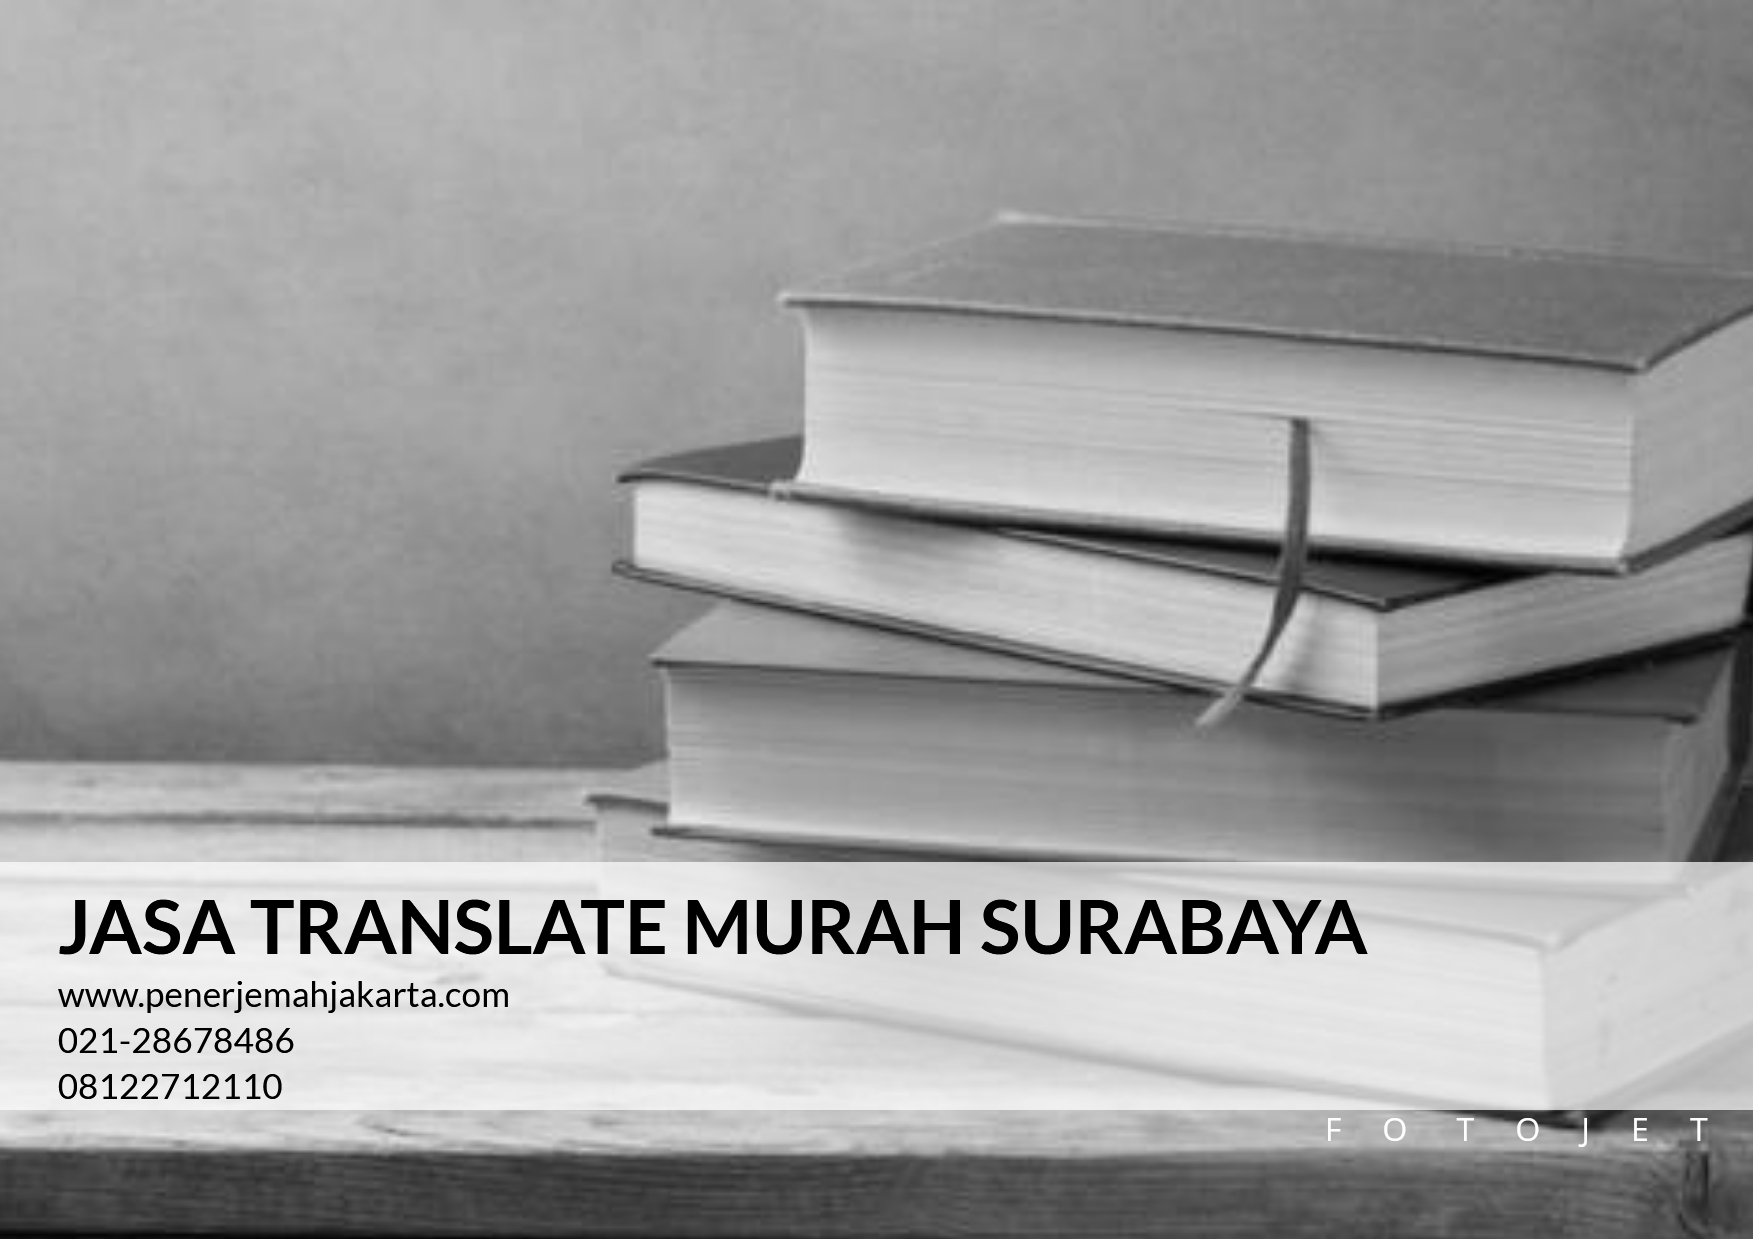 JASA TRANSLATE MURAH SURABAYA